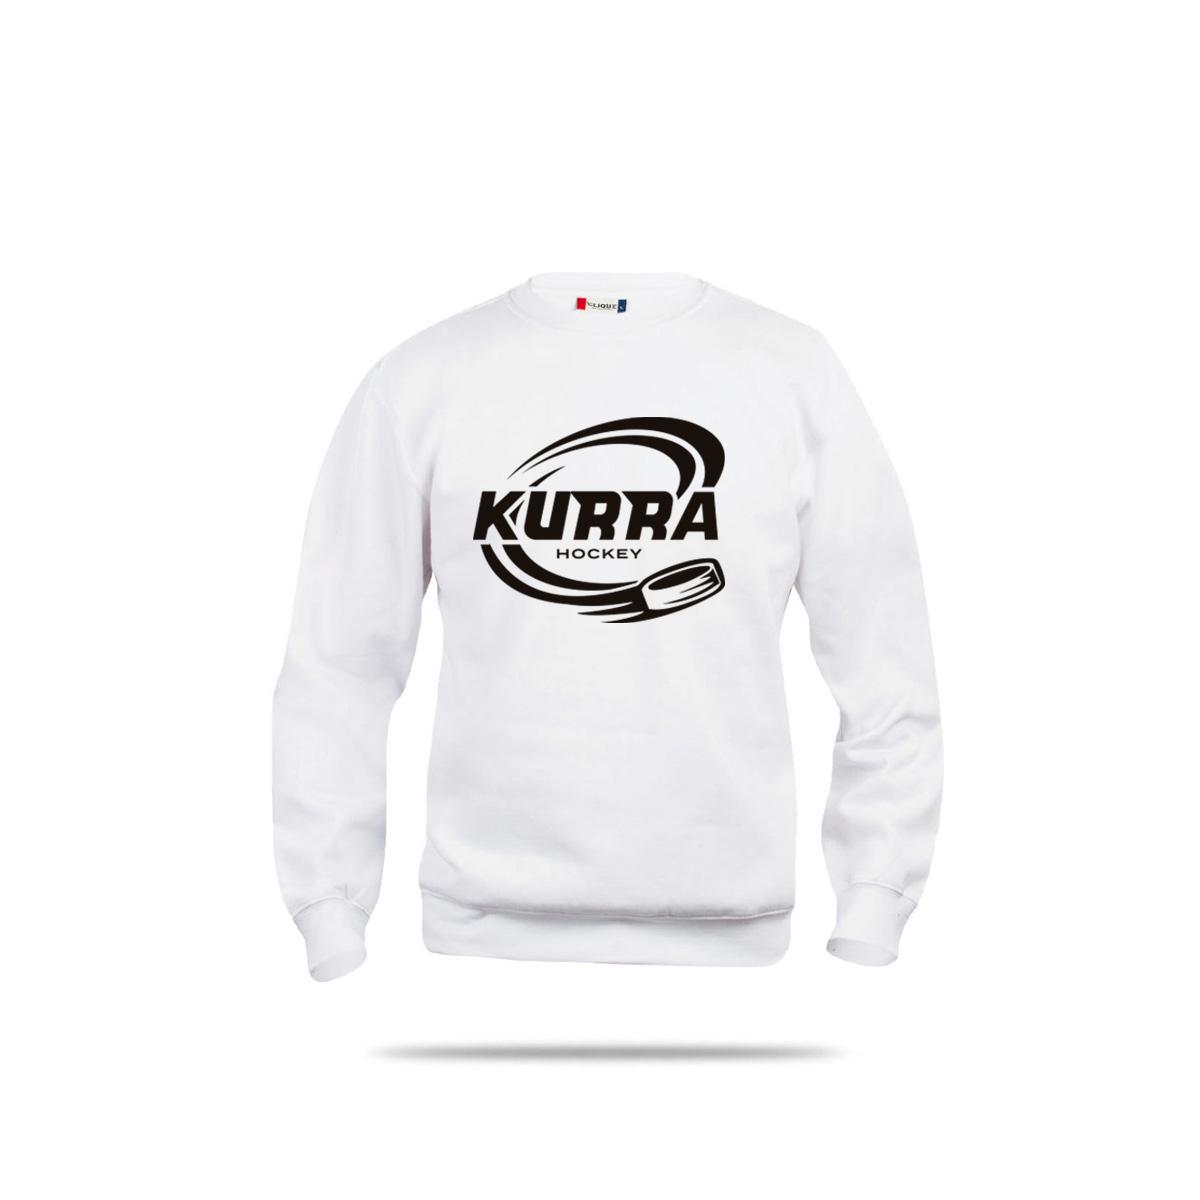 Kurra-Mono-3027-valkoinen